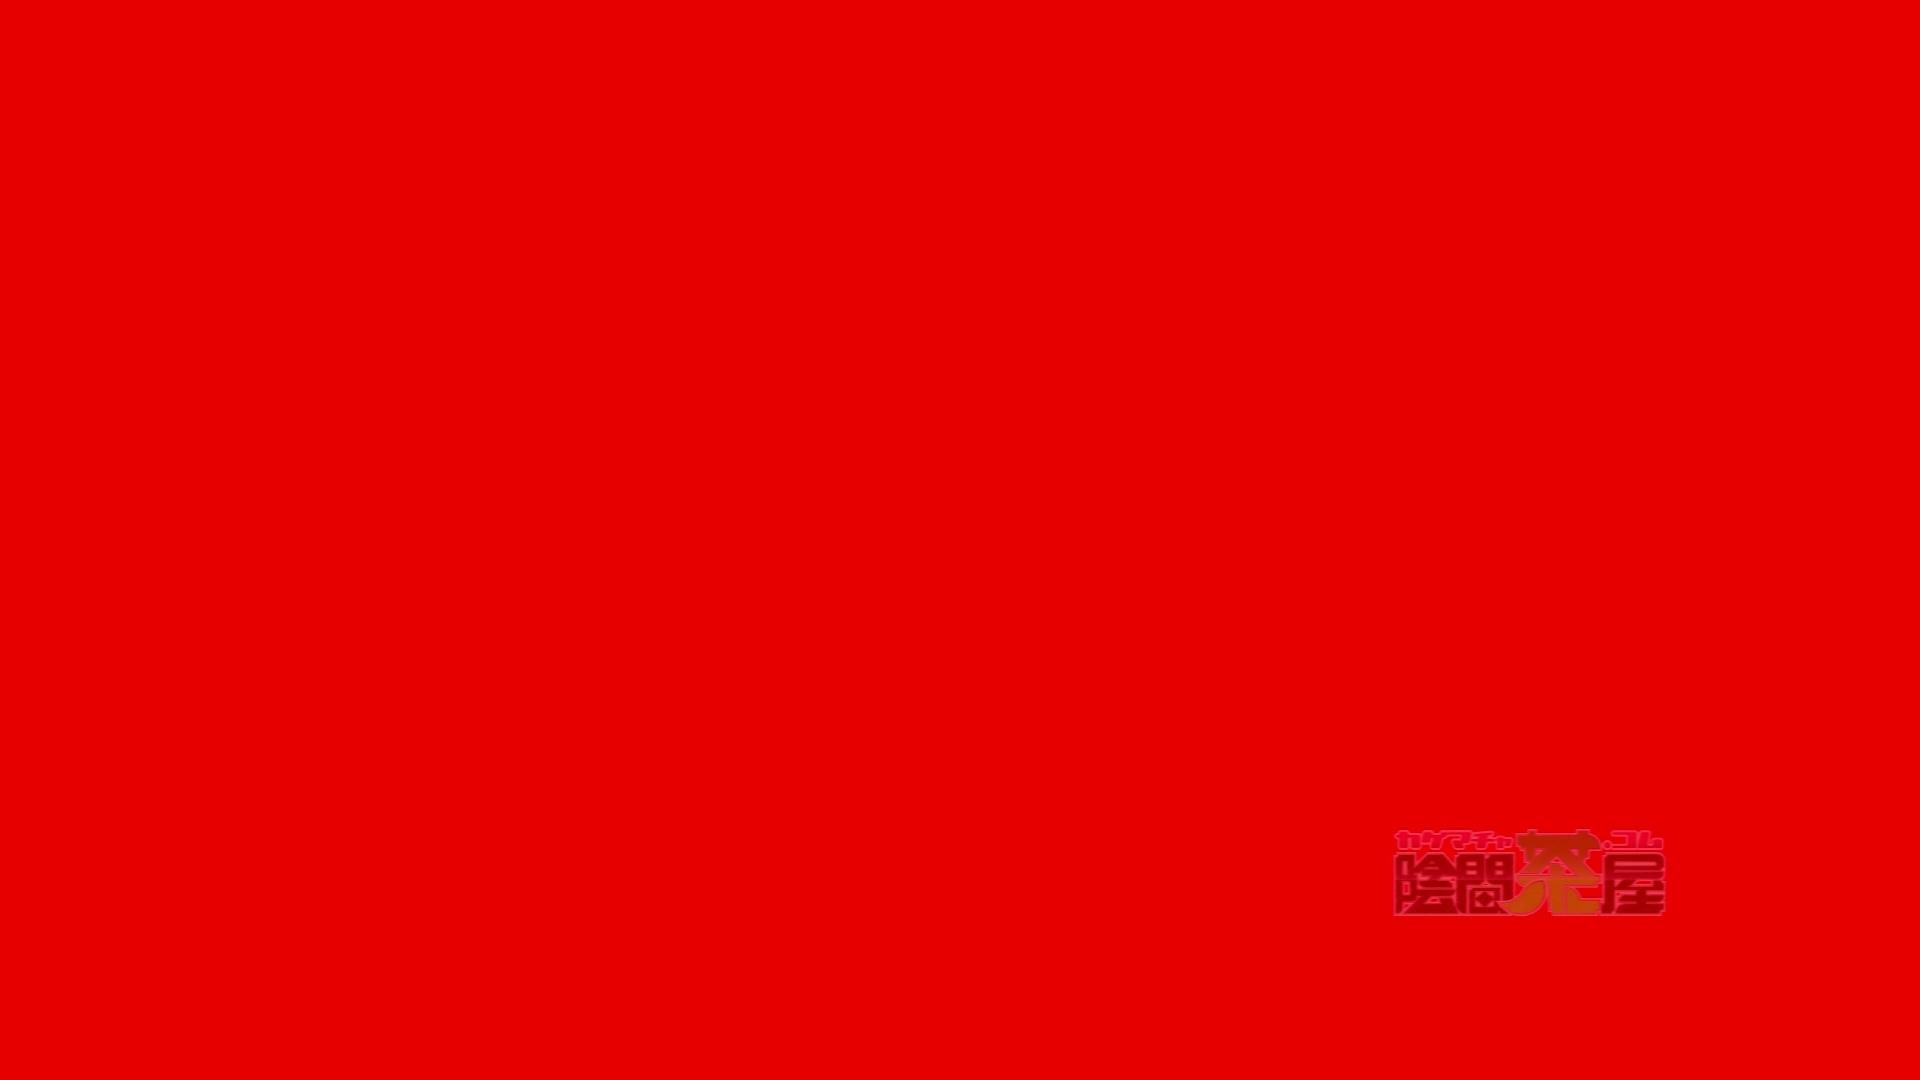 陰間茶屋独占入手!!●君のプライベート流出動画 No.04 【期間限定配信】 モザ無し   生入最高 エロビデオ紹介 116枚 2